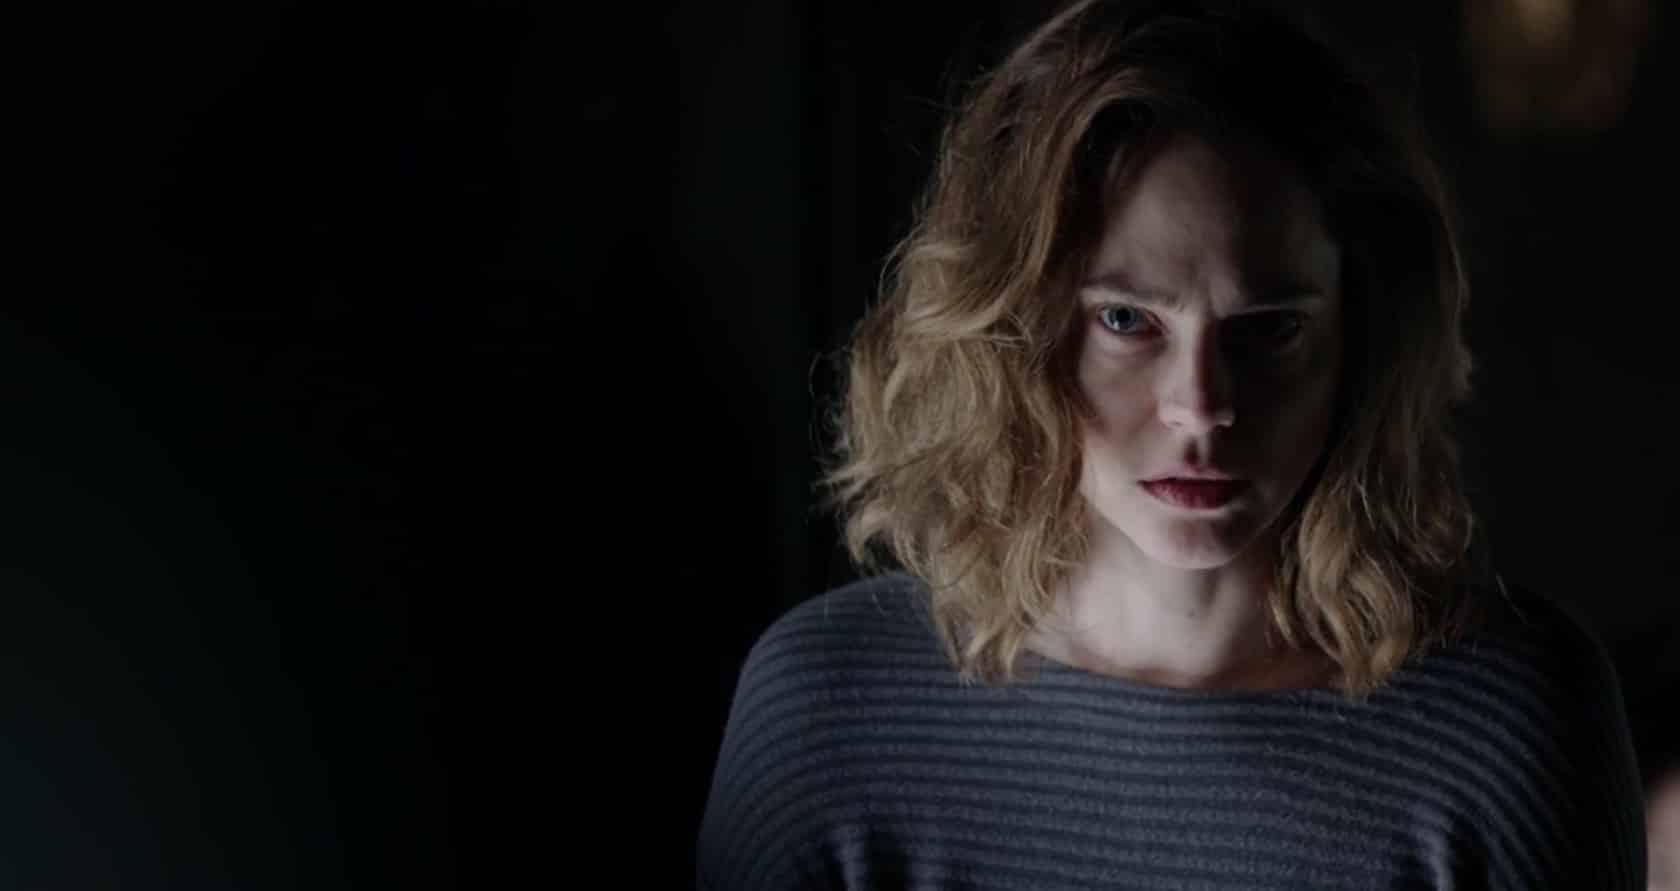 serie The Purge arranca rodaje, confirma estreno y define elenco final